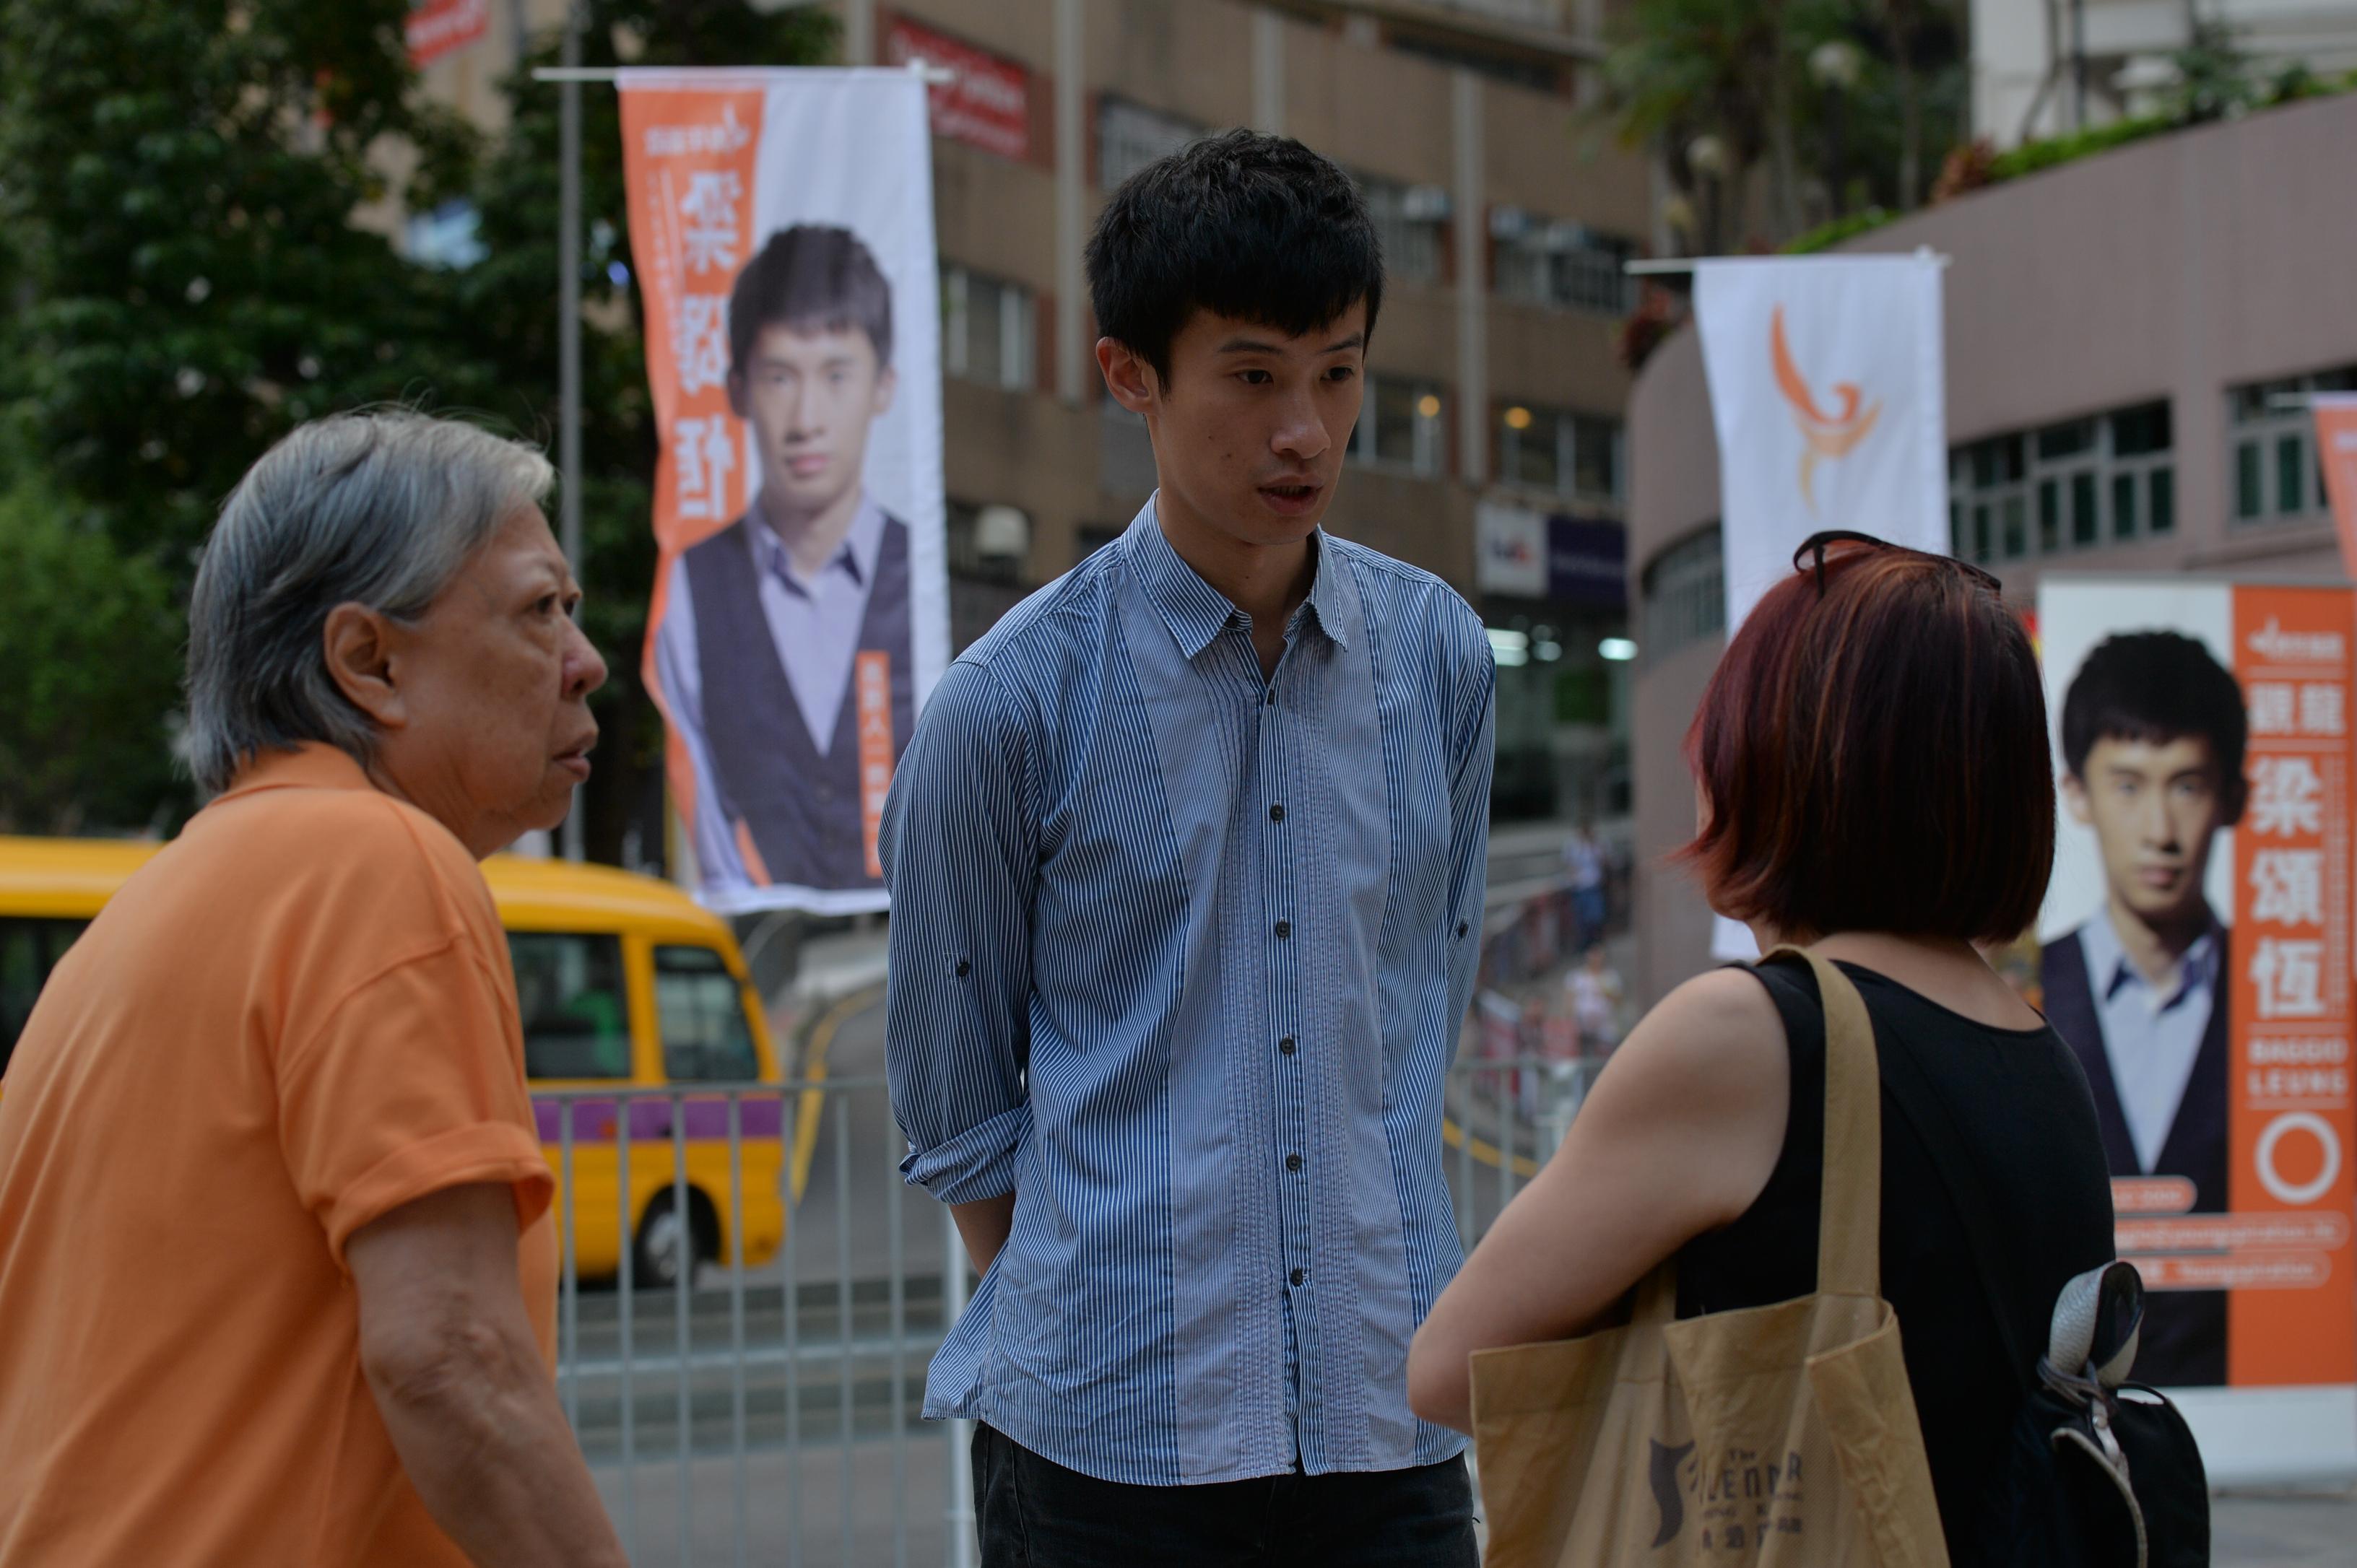 青年新政梁頌恆今年1月開始於觀龍區做社區工作,亦感受到葉國謙在該區的民望。(蘇智鑫攝)